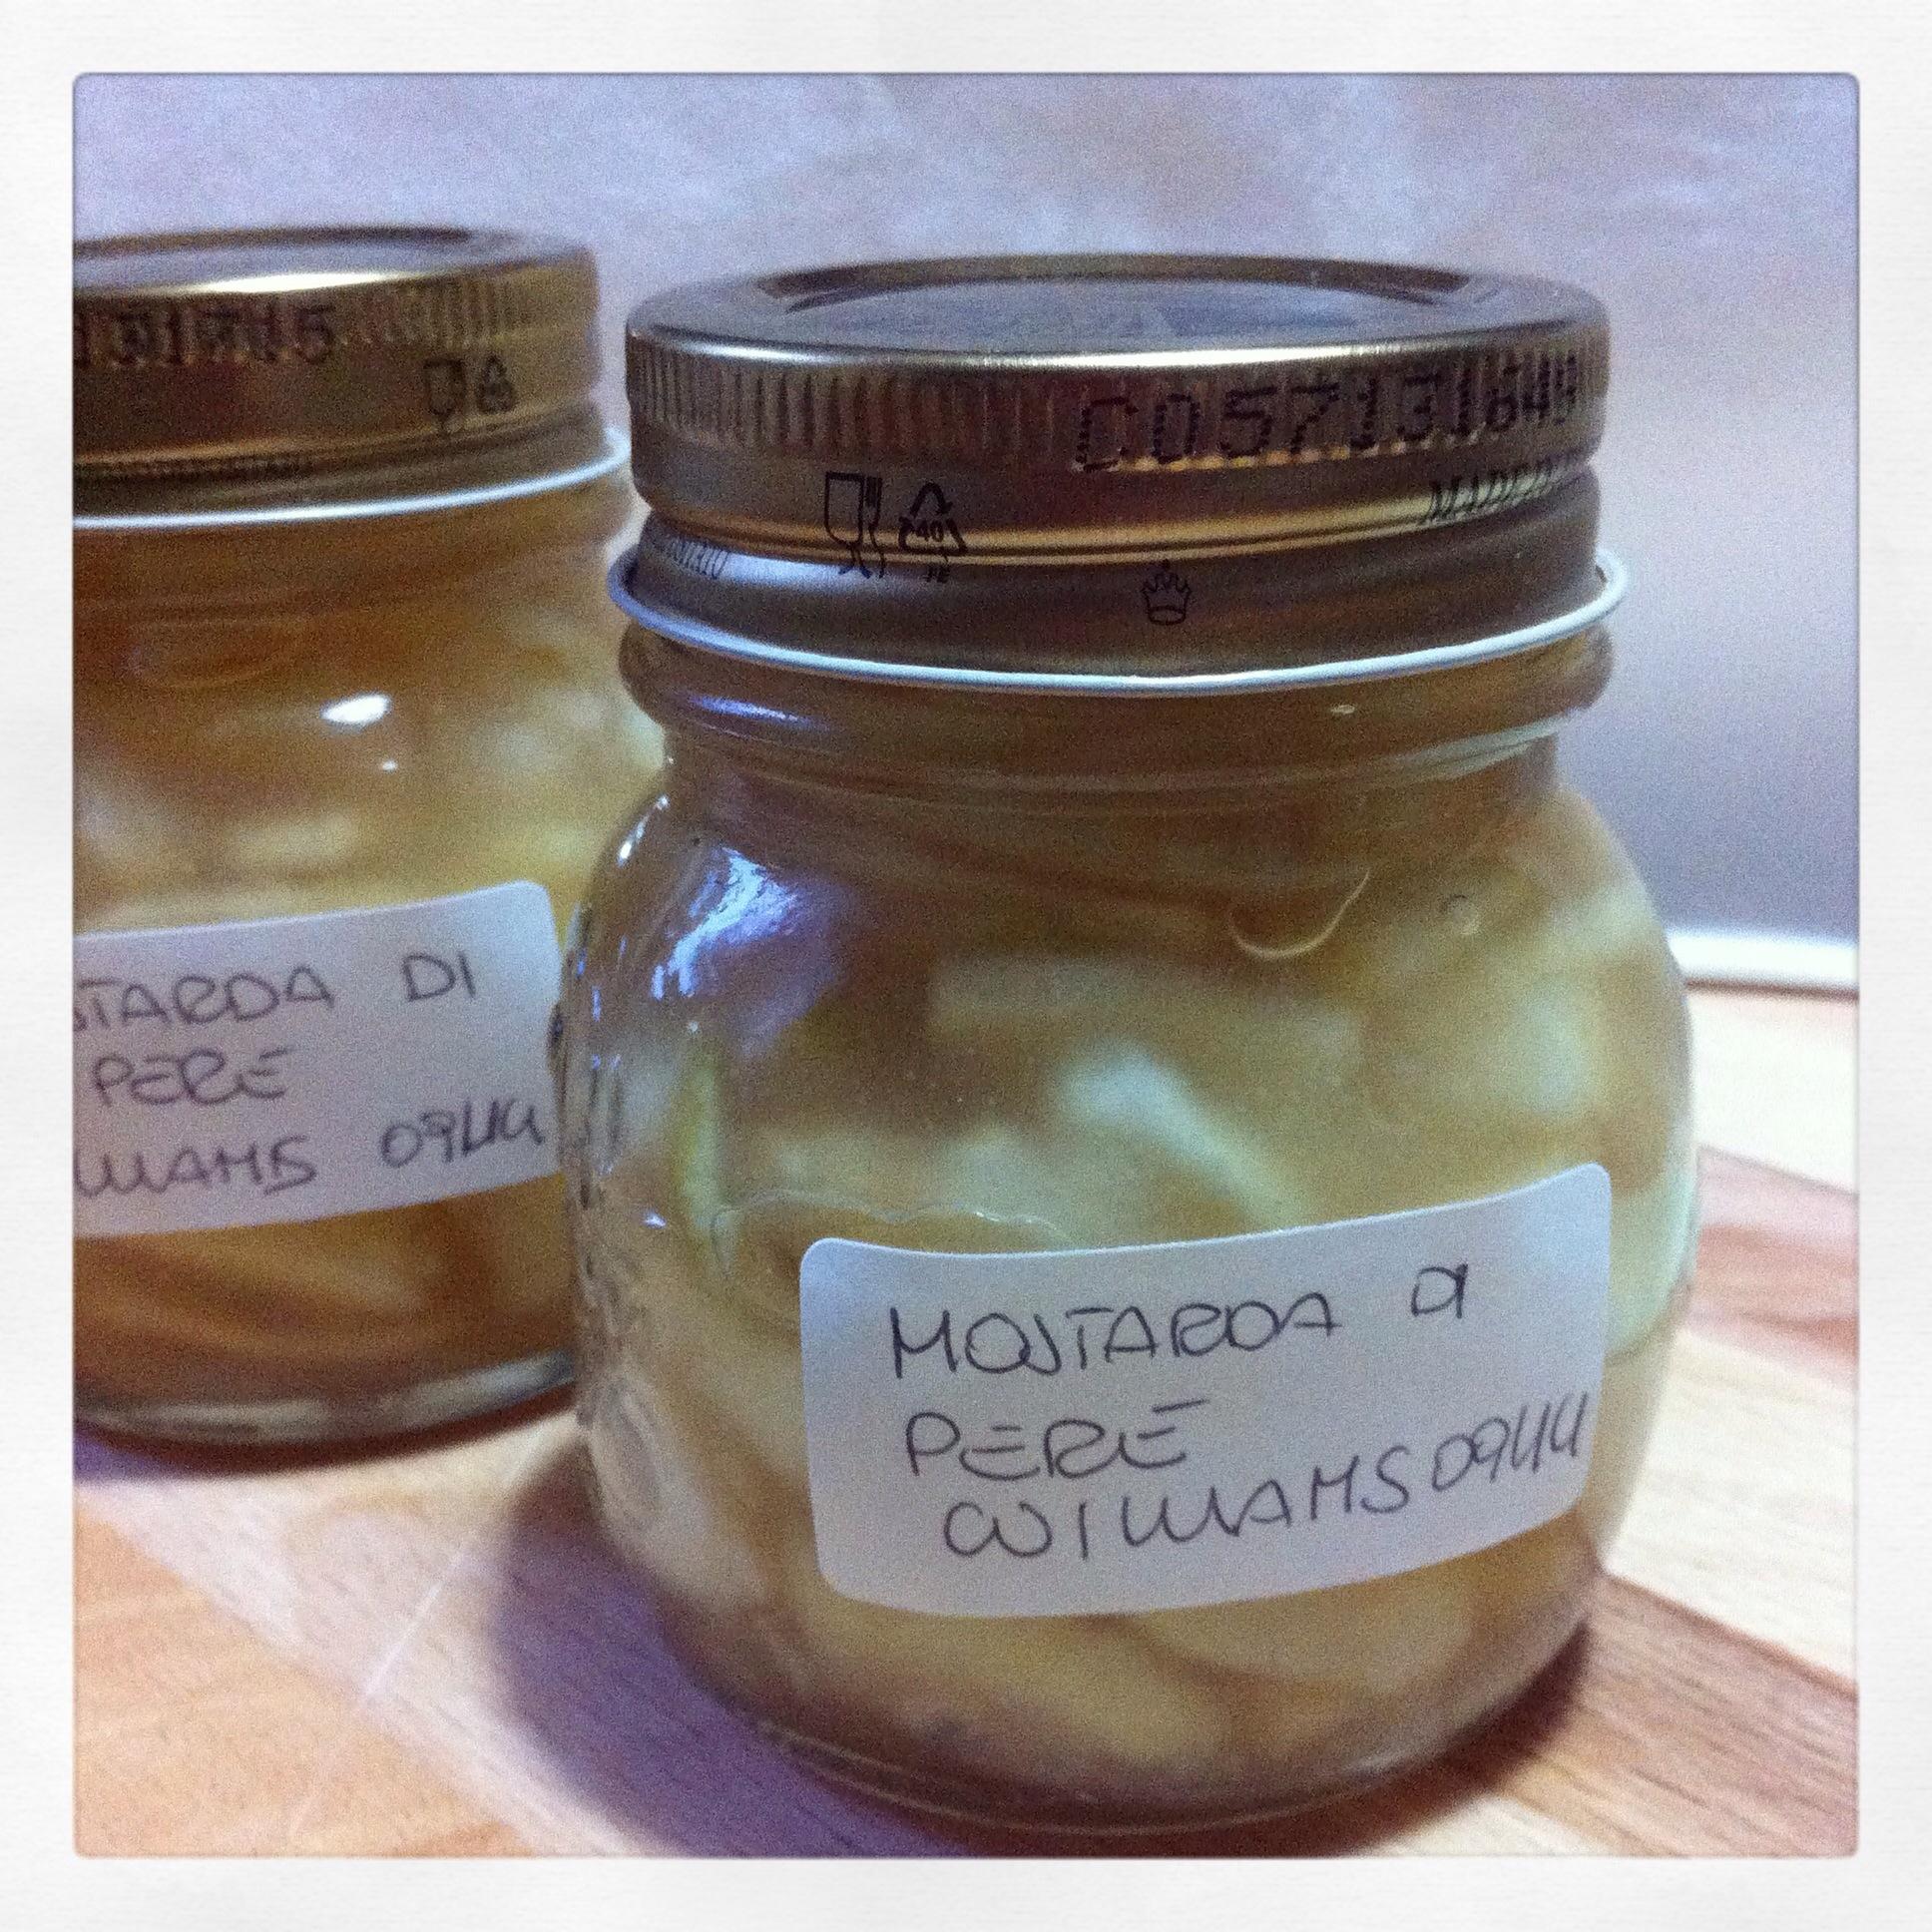 Ricerca ricette con mostarda mantovana di pere for Mostarda di pere mantovana